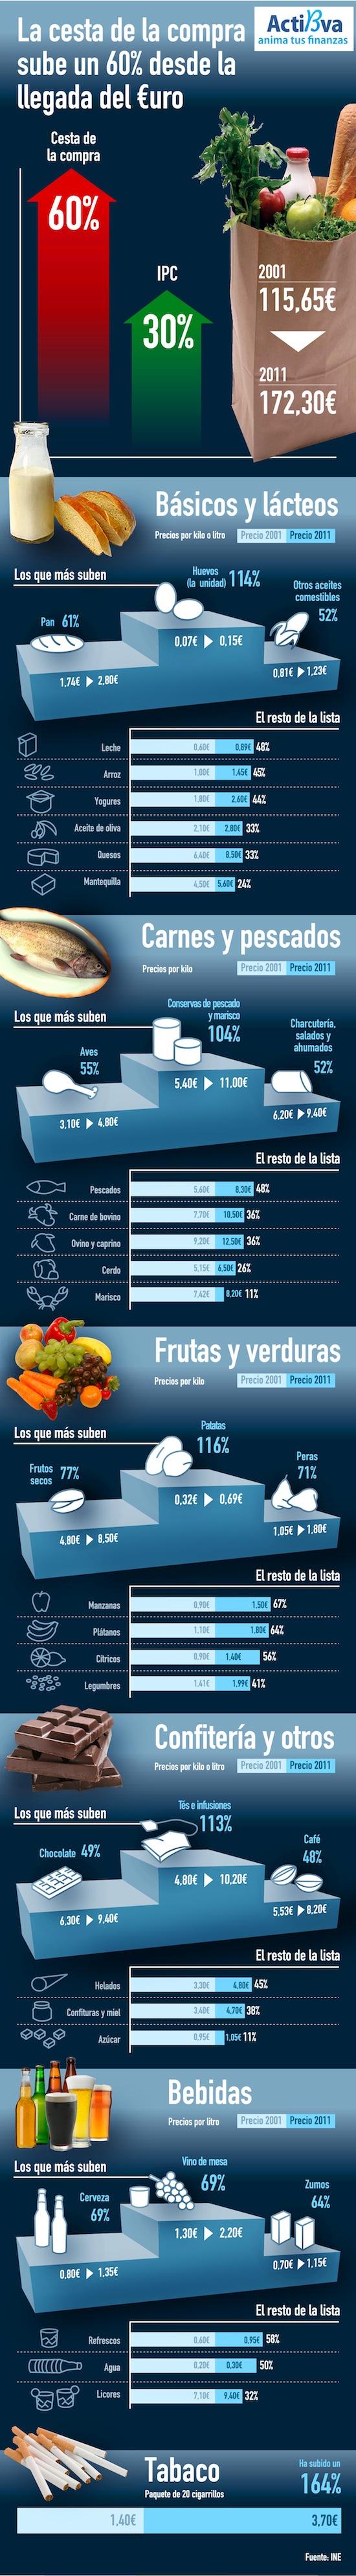 precios-cesta-compra-desde-el-euro-sm.jpg